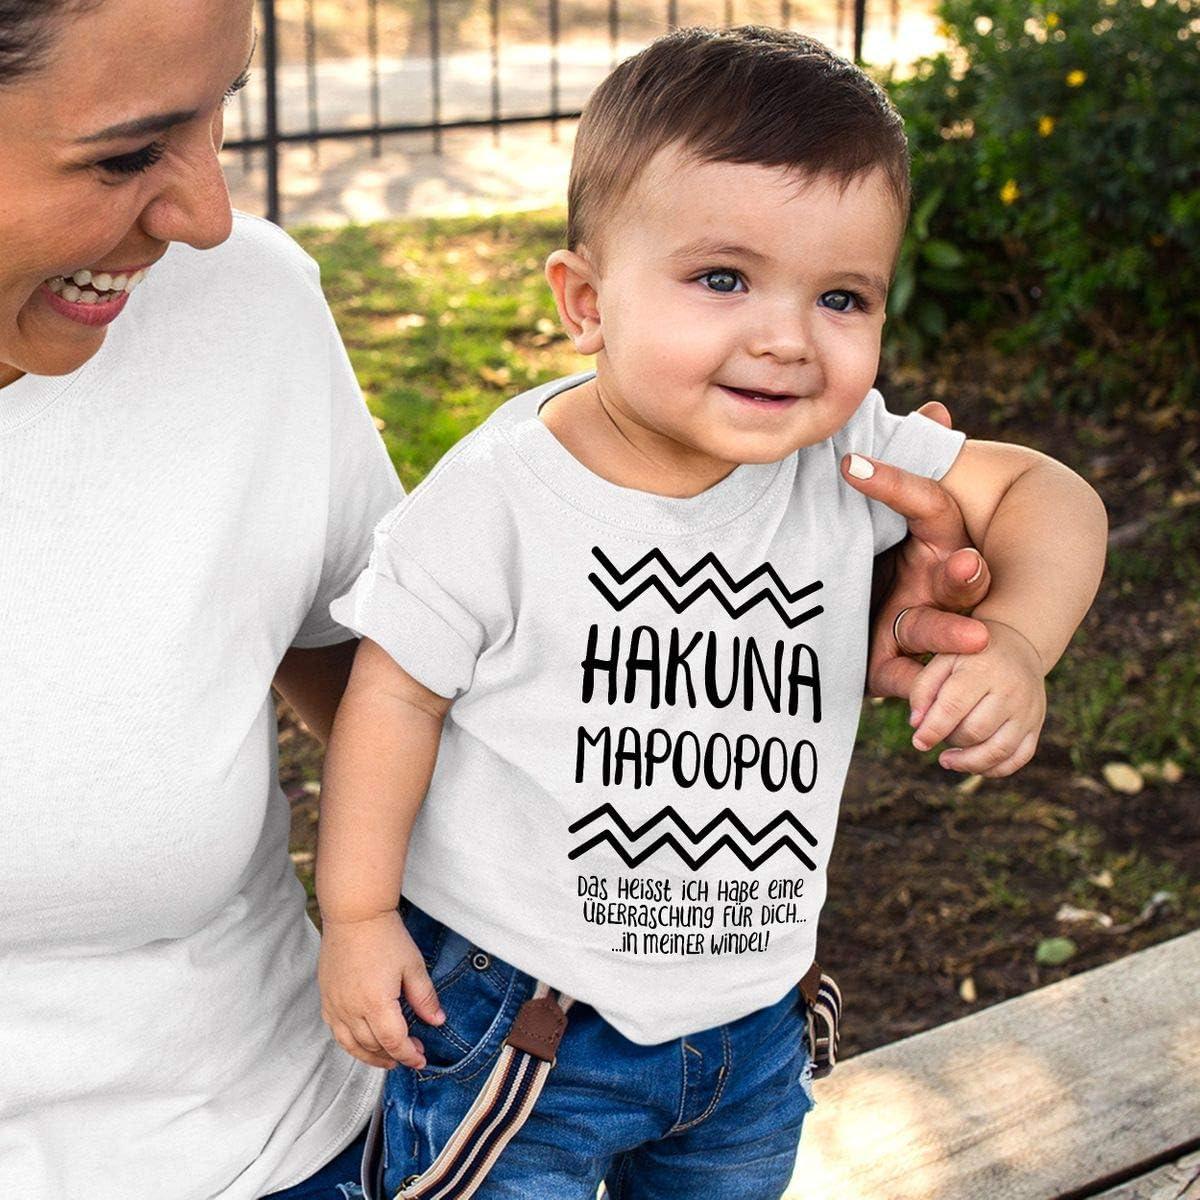 handbedruckt in Deutschland Mikalino Baby//Kinder T-Shirt mit Spruch f/ür Jungen M/ädchen Unisex Kurzarm Hakuna Mapoopoo